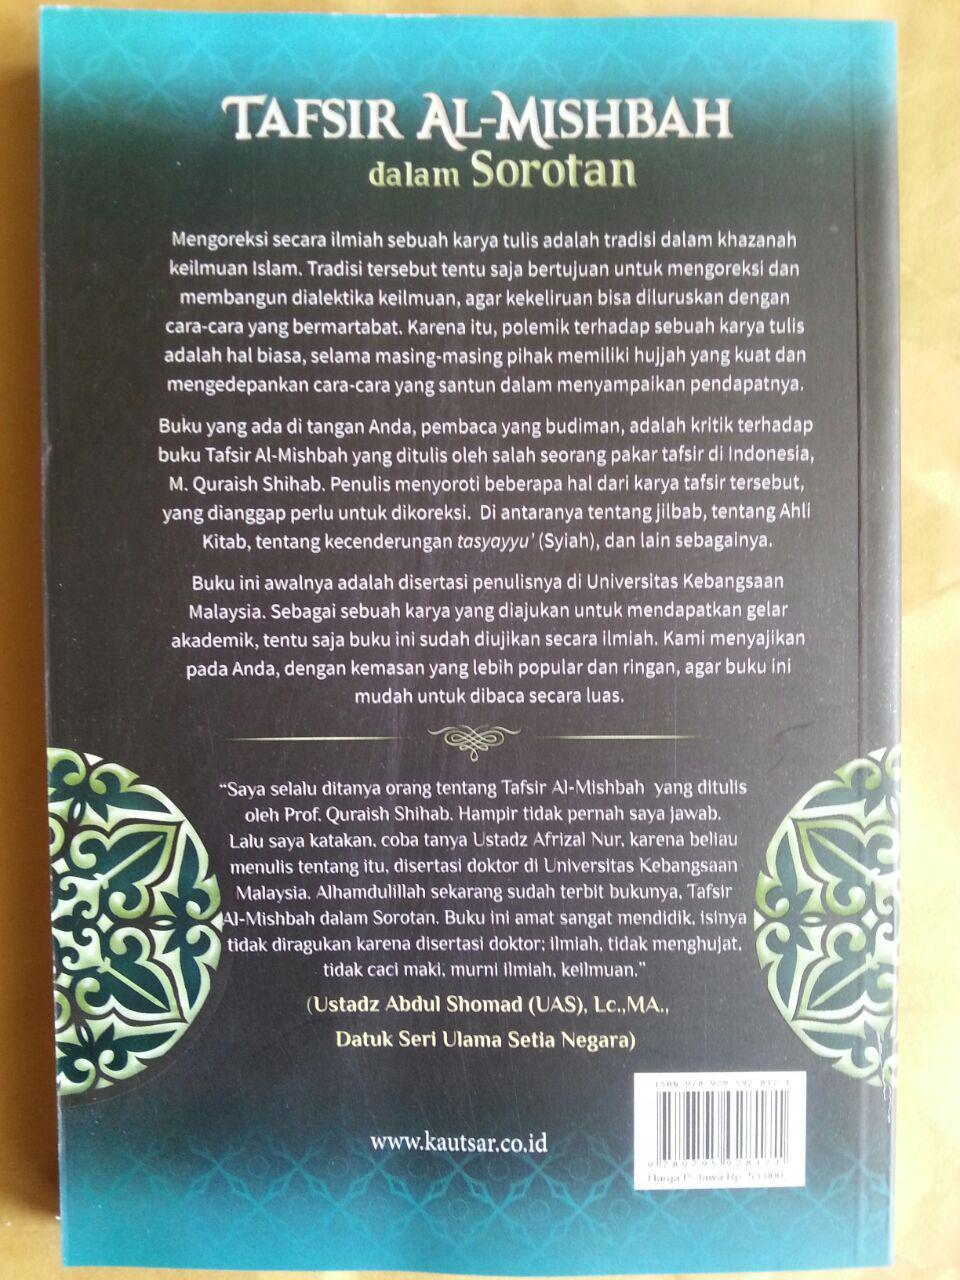 Buku Tafsir Al-Mishbah Dalam Sorotan cover